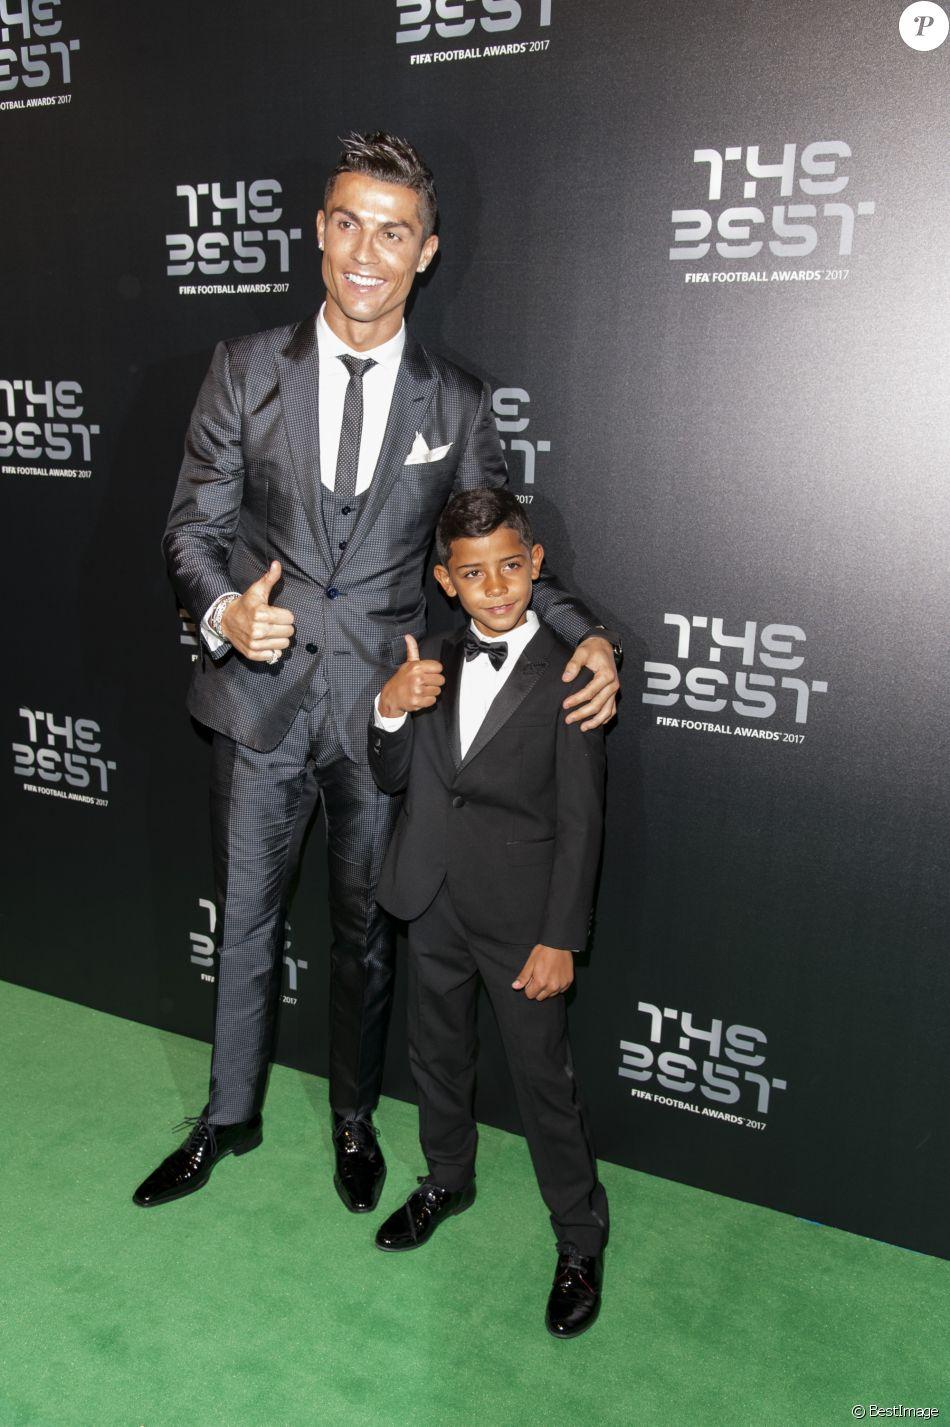 Cristiano Ronaldo (meilleur joueur) et son fils Cristiano Jr - The Best FIFA Football Awards 2017 au London Palladium à Londres, le 23 octobre 2017. © Pierre Perusseau/Bestimage